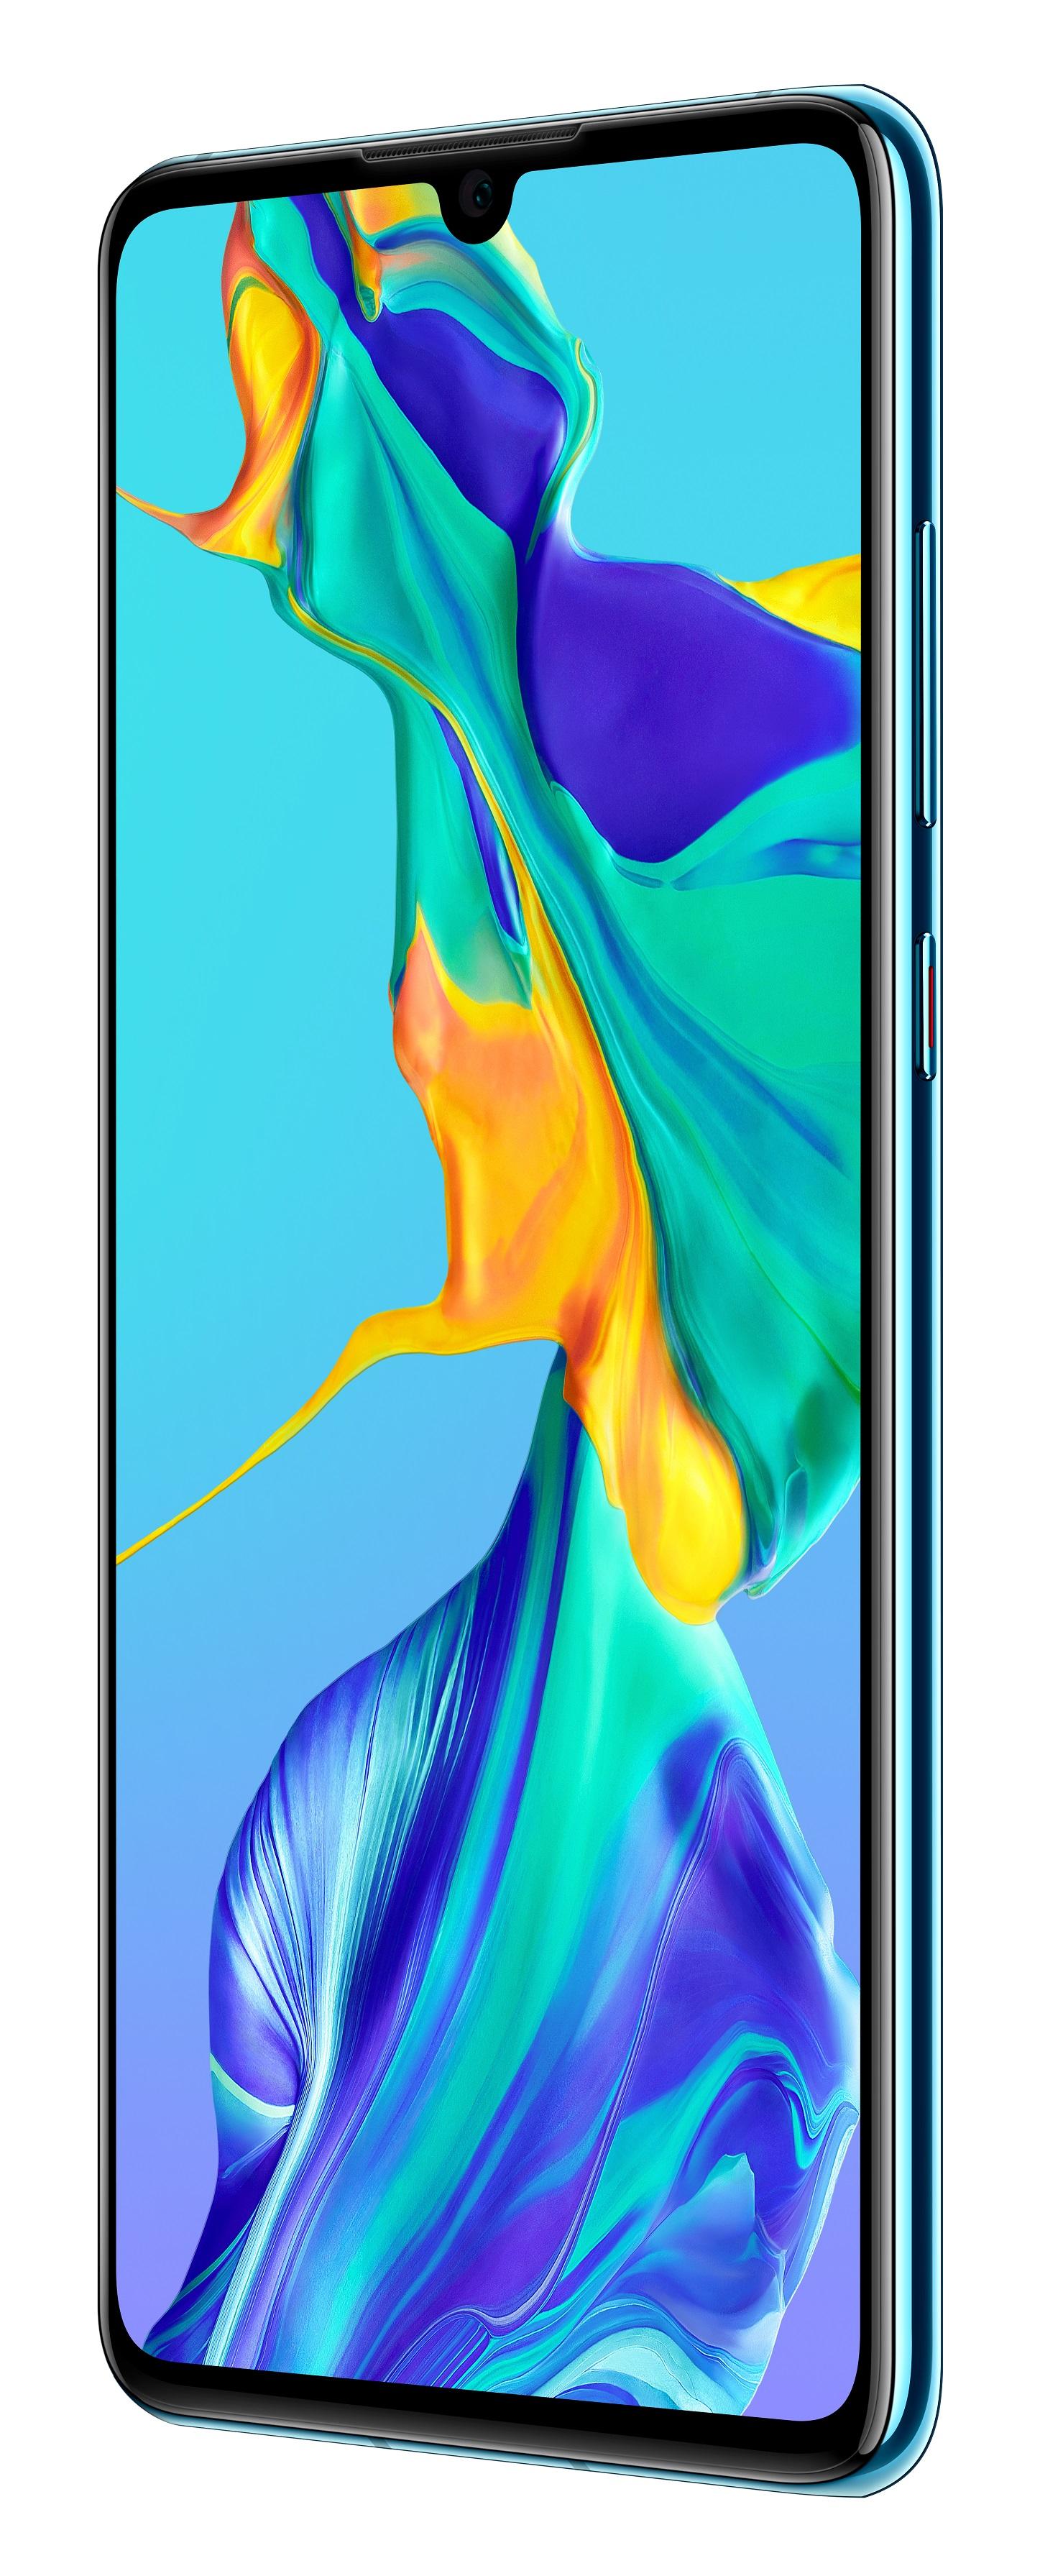 Huawei P30 blau Telekom - Dual SIM, Android 9.0 (Pie), 128 GB, BRANDNEU